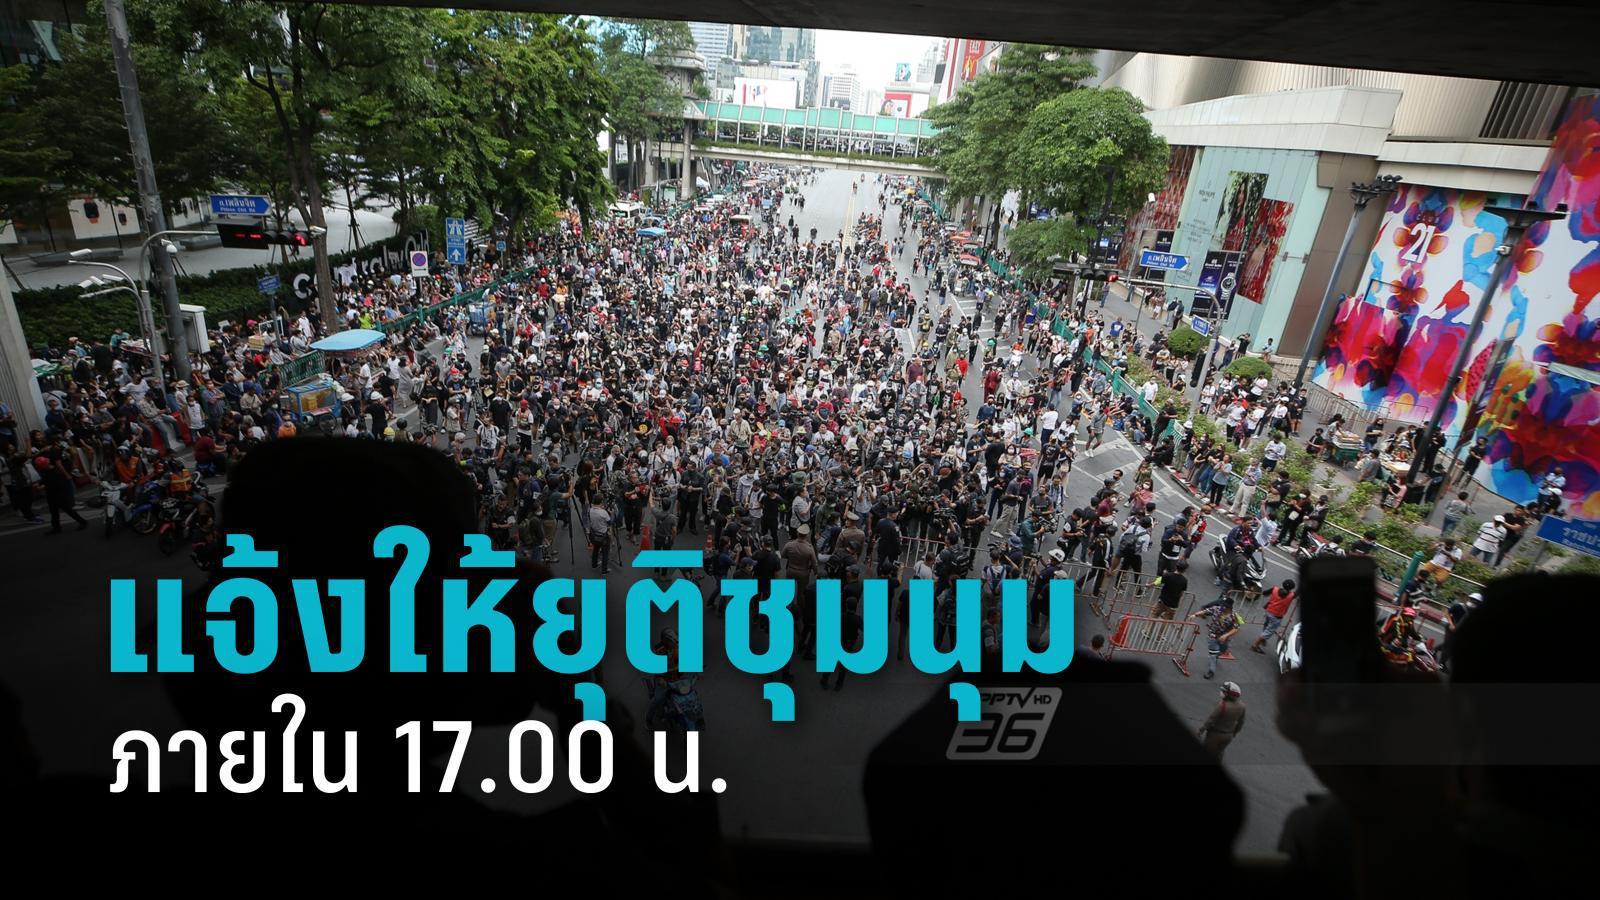 ตำรวจ แจ้งม็อบ 25 ตุลา ให้ยุติชุมนุมภายใน 17.00 น.